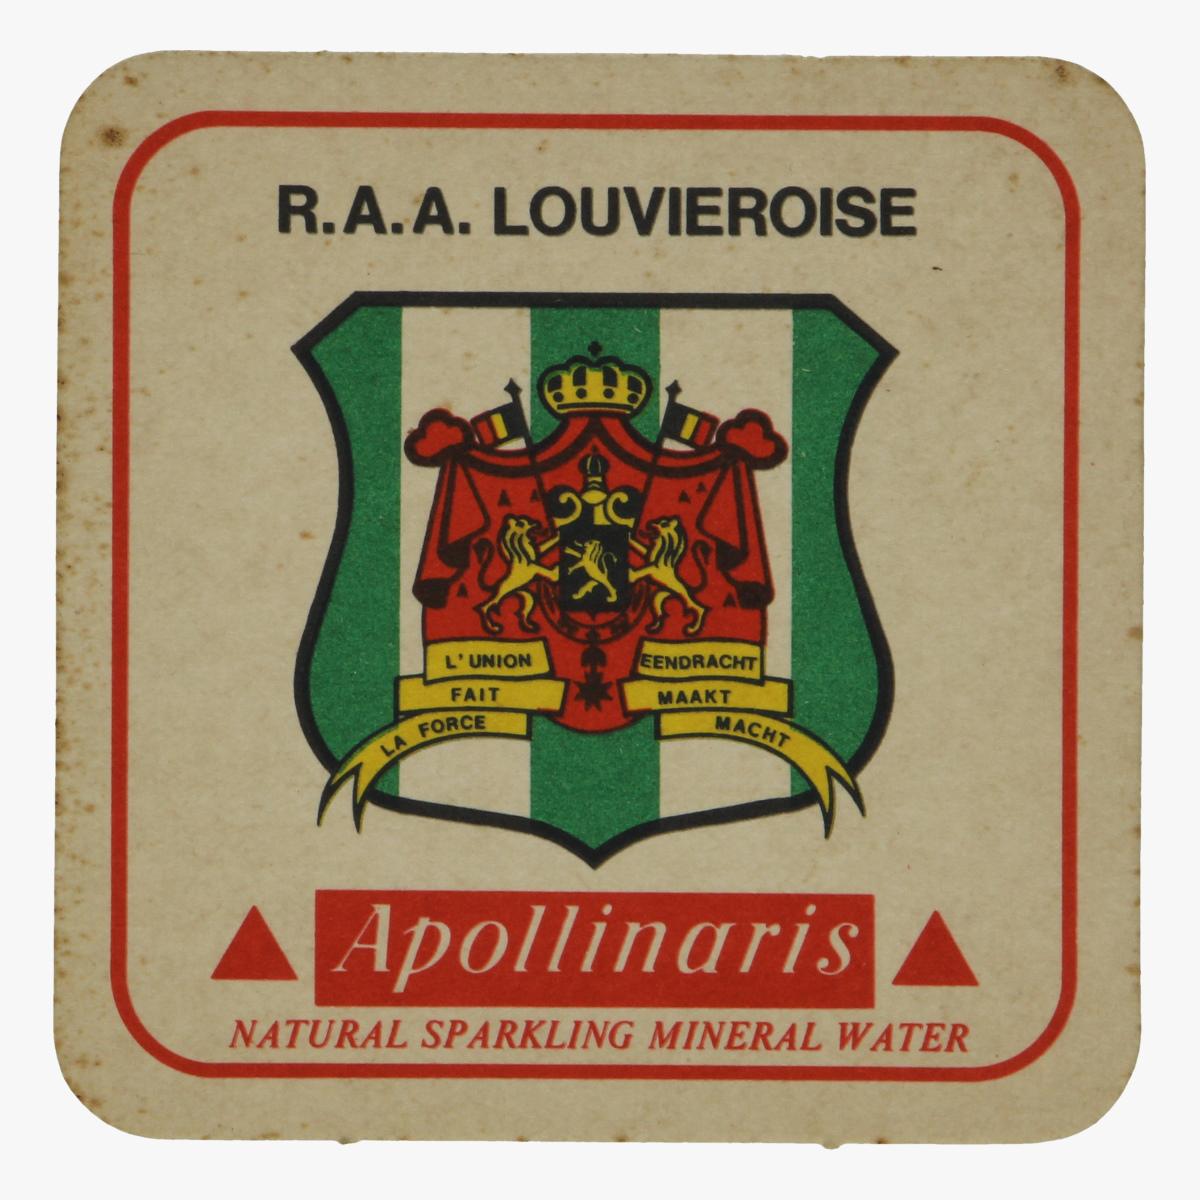 Afbeeldingen van bierkaartje r.a.a. louvieroise